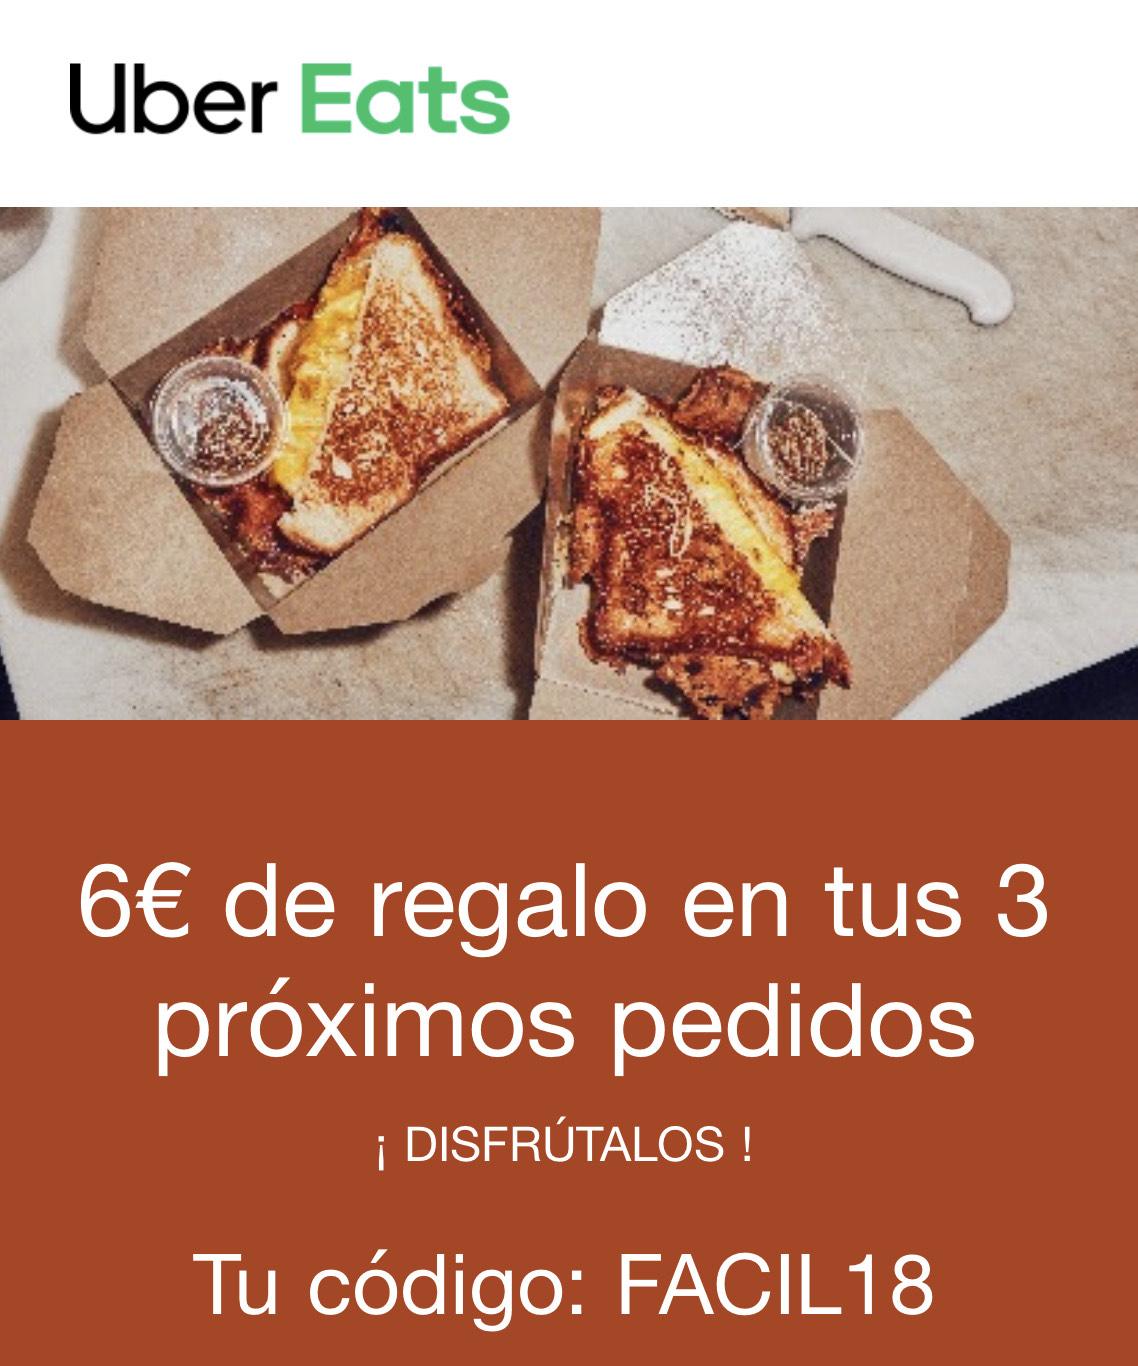 -6€ Uber Eats en tus próximos 3 pedidos (Cuentas seleccionadas)